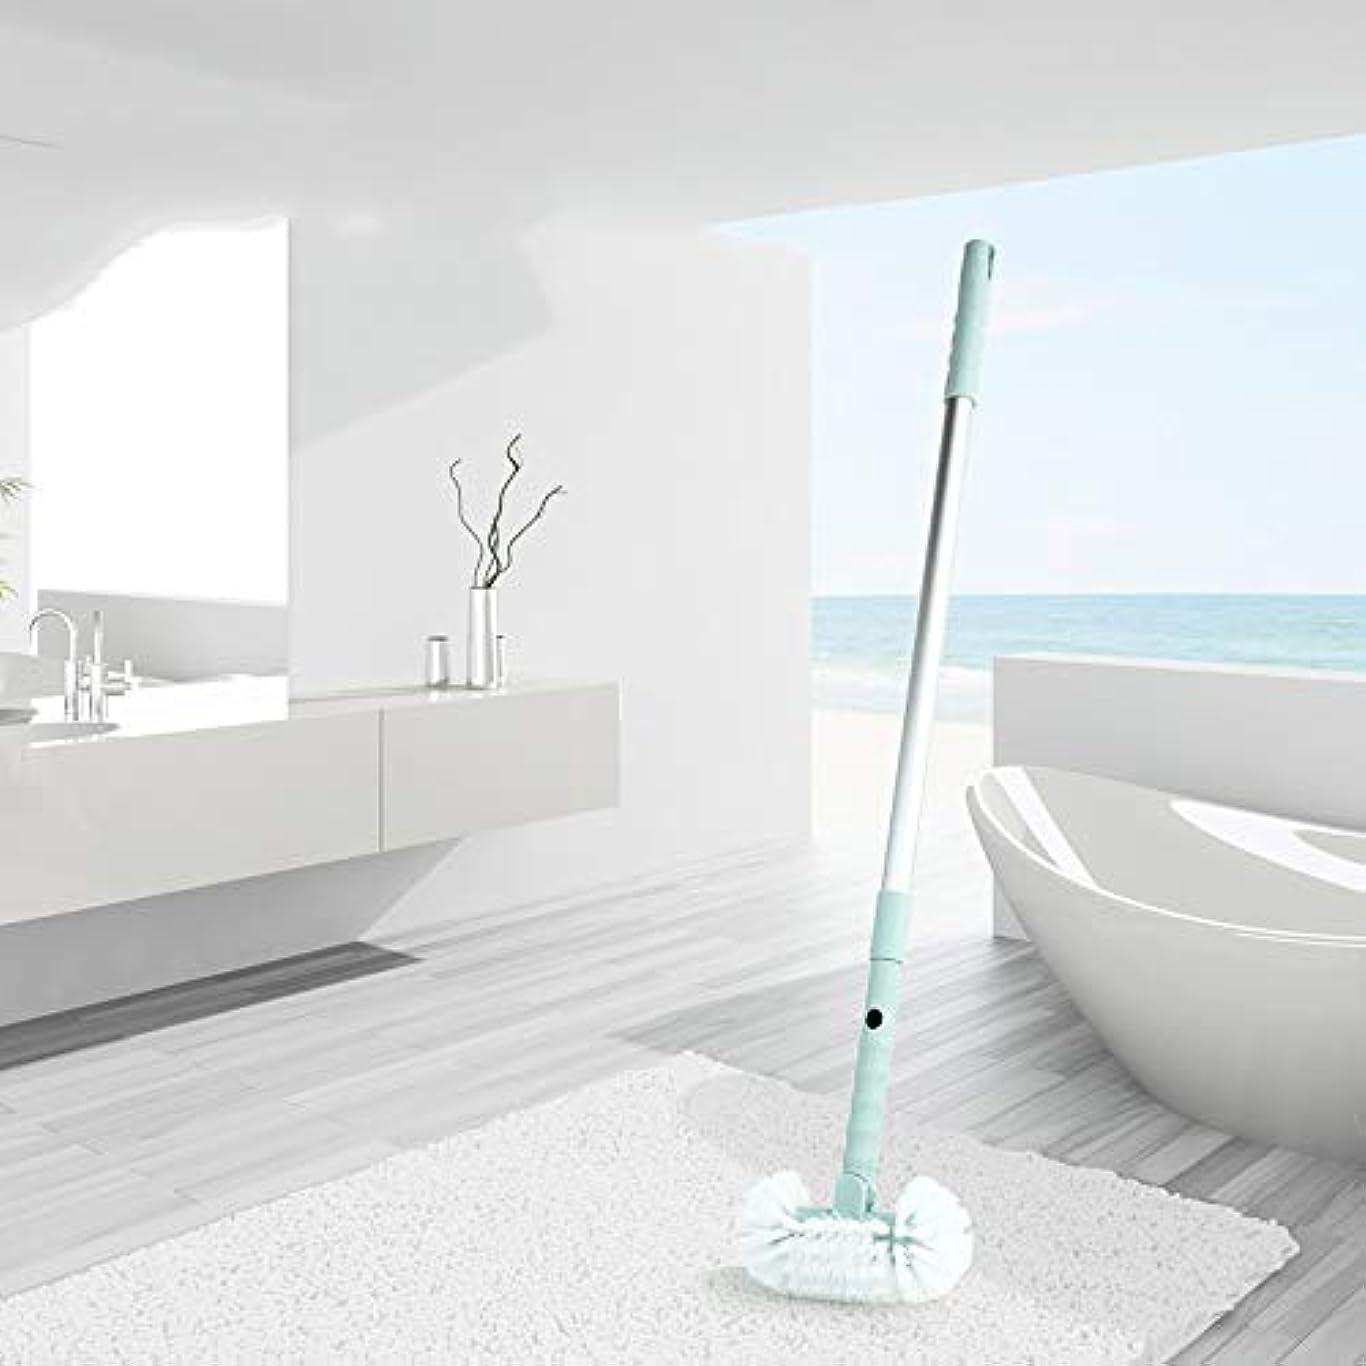 破裂ソフトウェア大臣ポアクリーニング ホームバスルーム引き戻し可能なハードブラシトイレ浴室バスタブフロアクリーニングブラシ マッサージブラシ